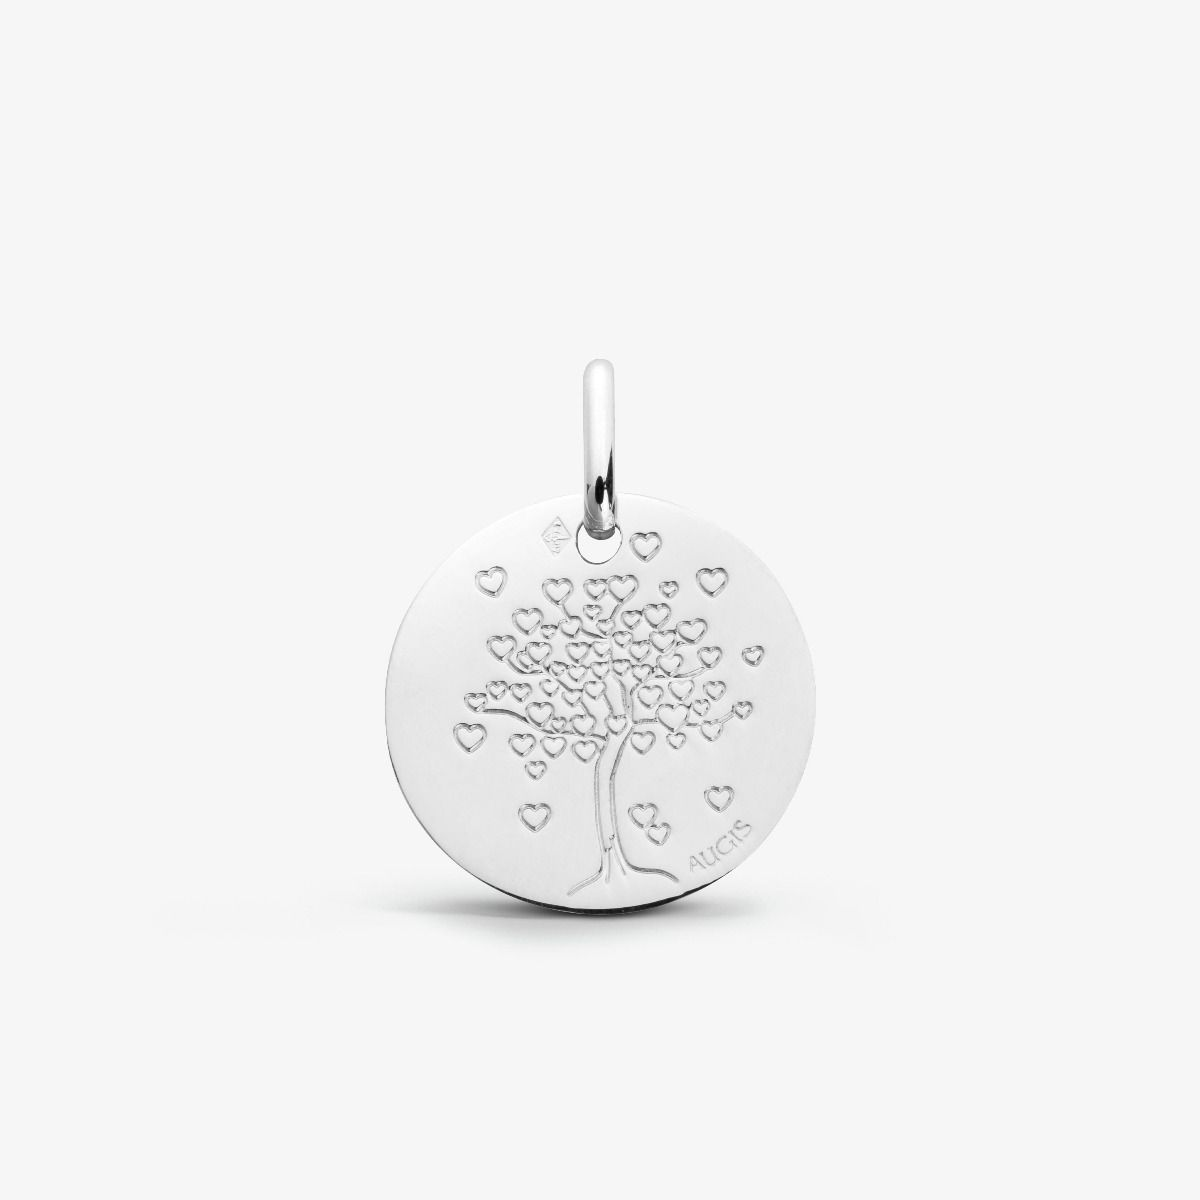 Médaille Arbre aux cœurs Or Blanc 18 carats - 14 mm